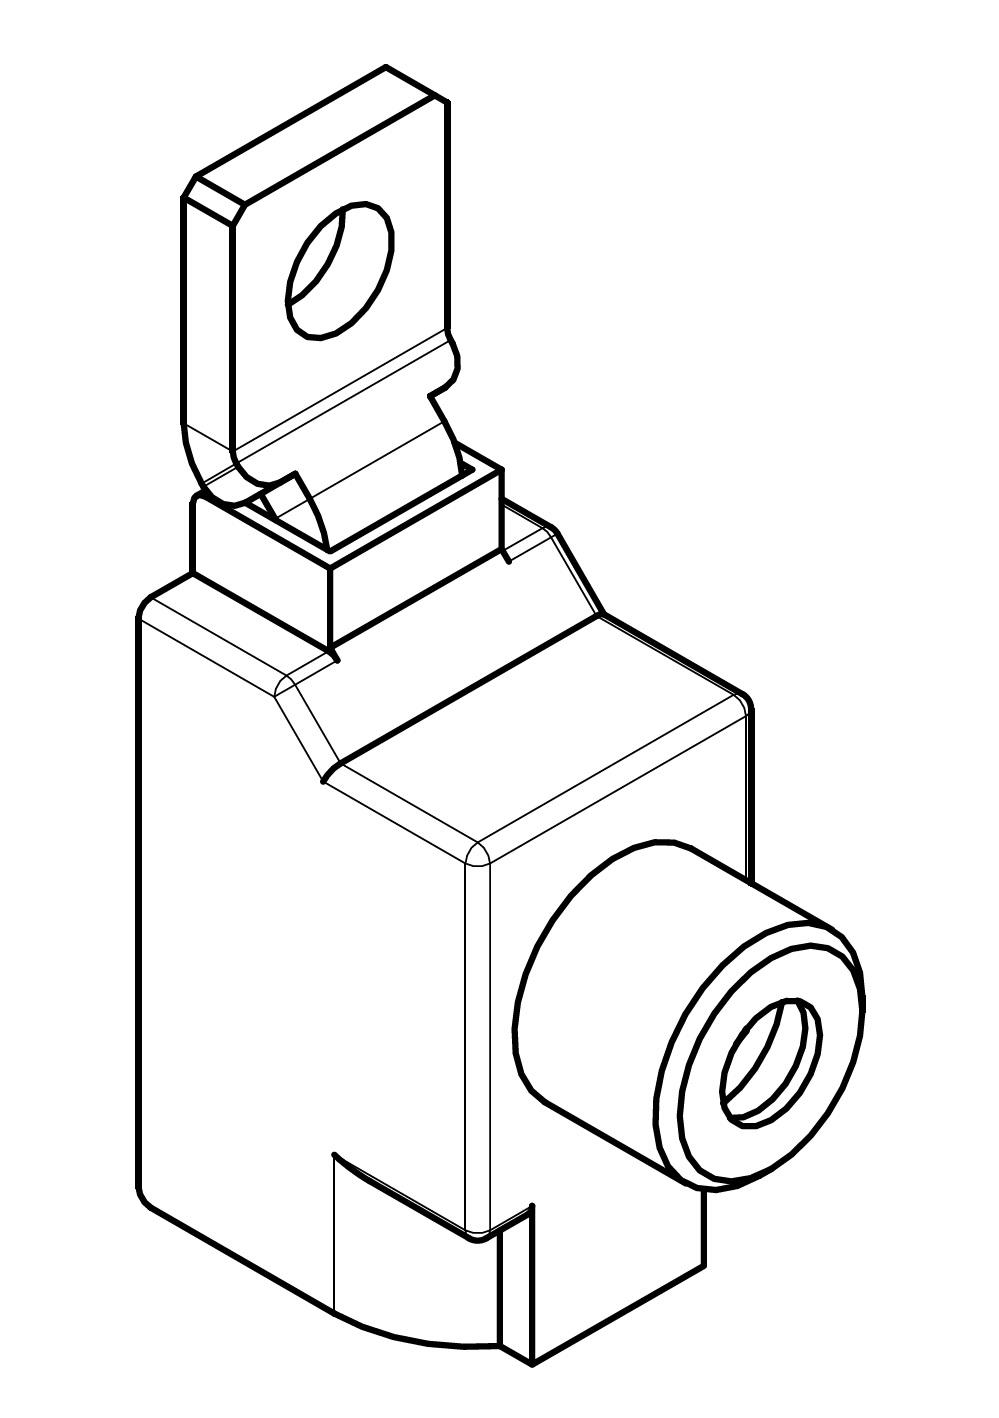 1 Stk Klemme 95mm² für ARROW II 00-NH-Trenner-Verschienung BS900311--